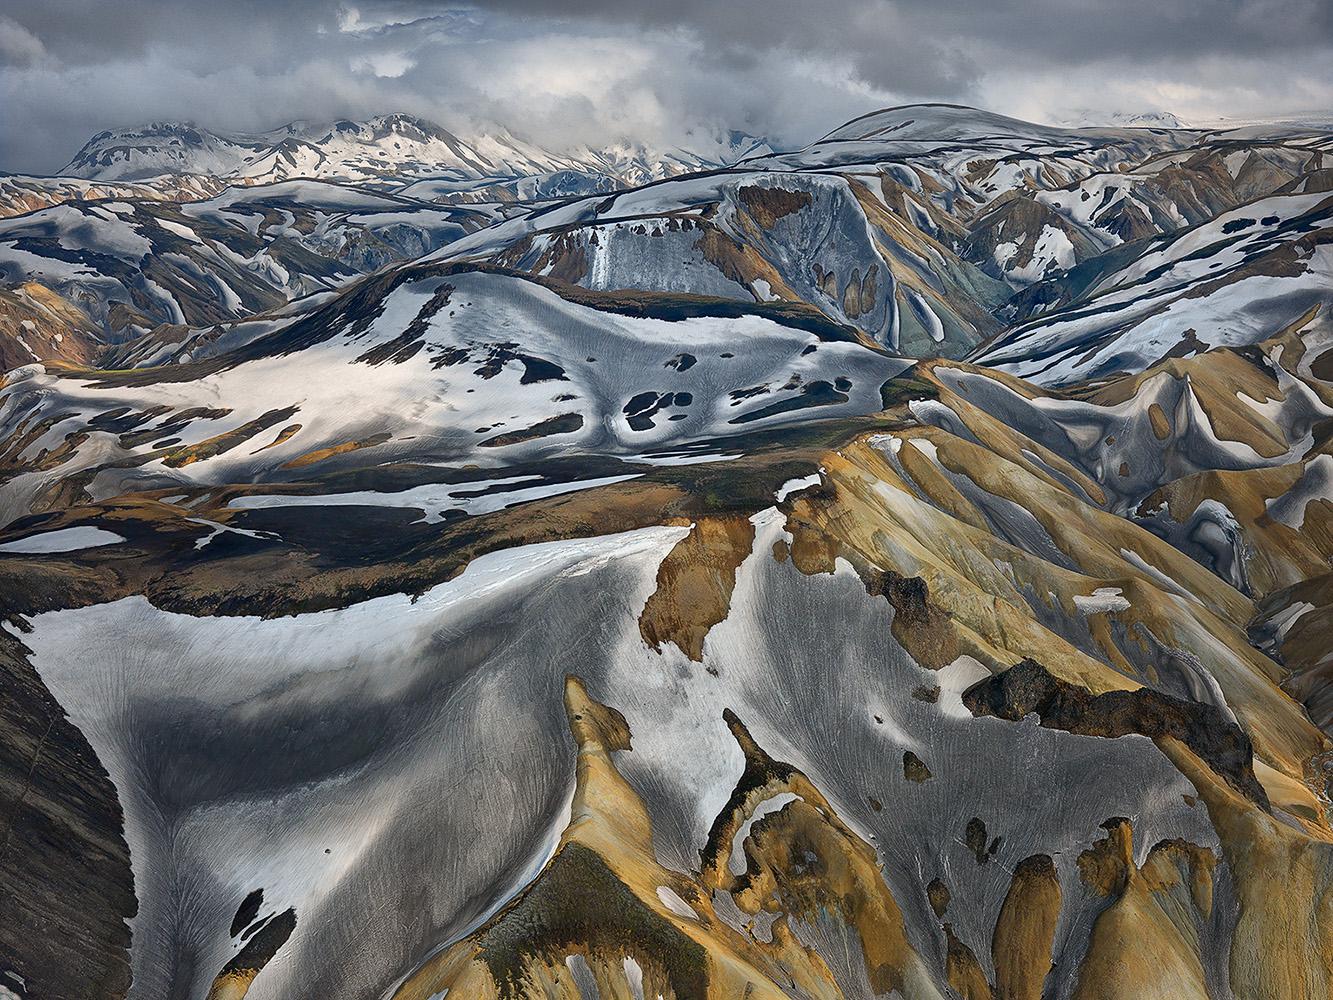 Hans Strand landskapsfoto Fjallabak Island Hasselblad H3DII-50 med HC 50mm II publicerad på Objektivtest.se